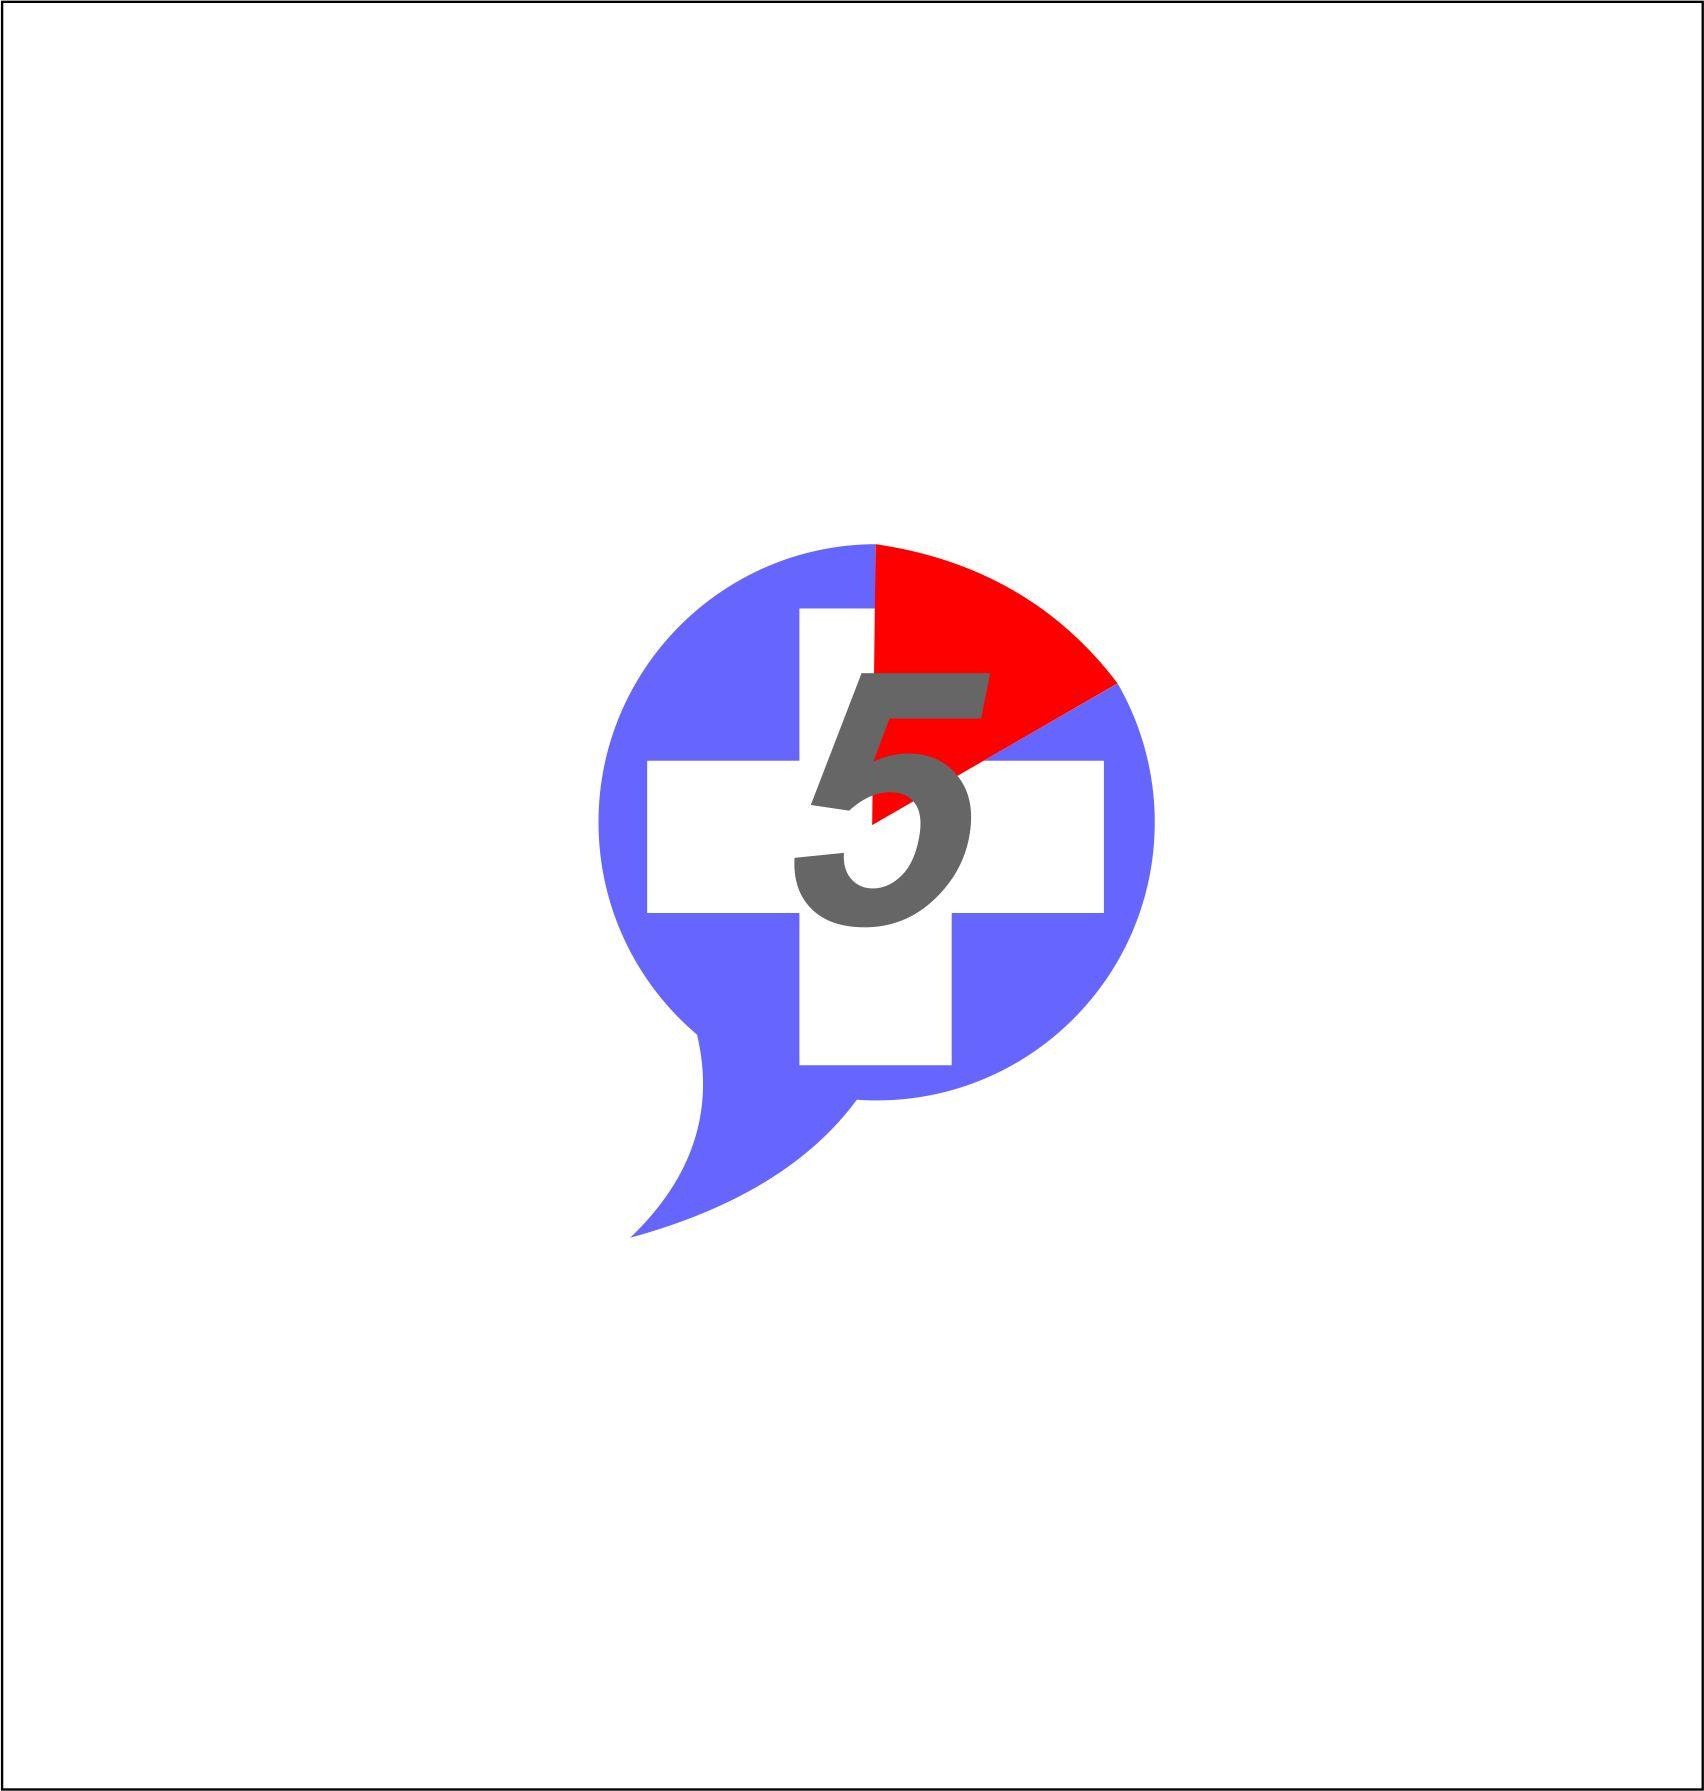 Готовый логотип или эскиз (мед. тематика) фото f_87755acb8f1227b7.jpg